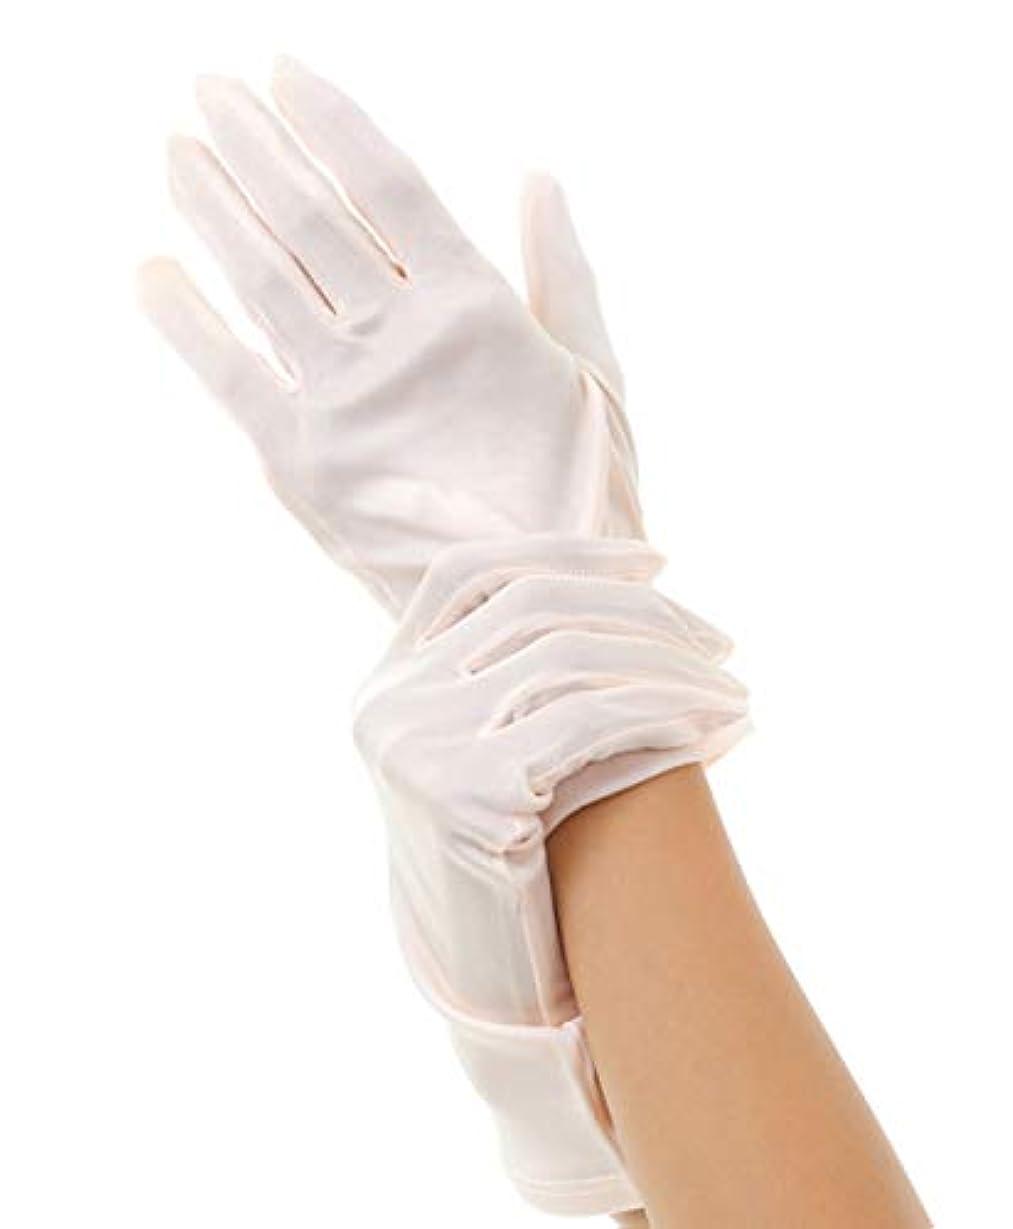 泣く焦がす観察するハンドケア シルク 手袋 Silk 100% おやすみ スキンケア グローブ うるおい 保湿 ひび あかぎれ 保護 上質な天然素材 (M, ピンク)